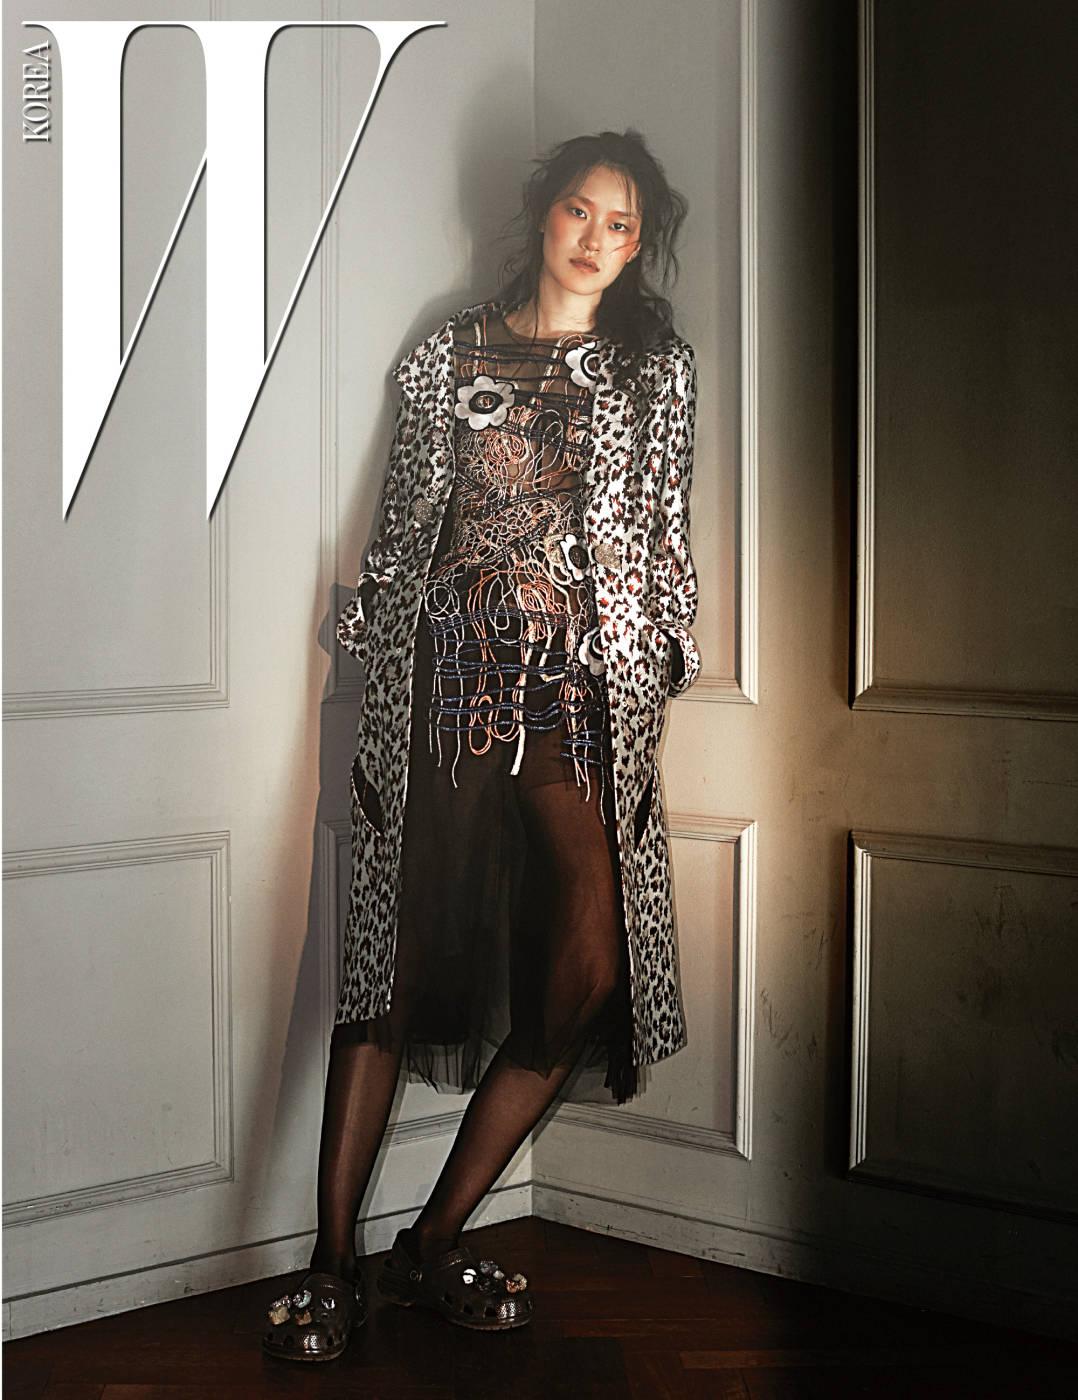 다채로운 실을 엮어 무늬로 표현한 시스루 드레스와 동물무늬 코트는 Christopher Kane. 신발은 Christopher Kane×Crocs by SHOE COLLECTION 제품.